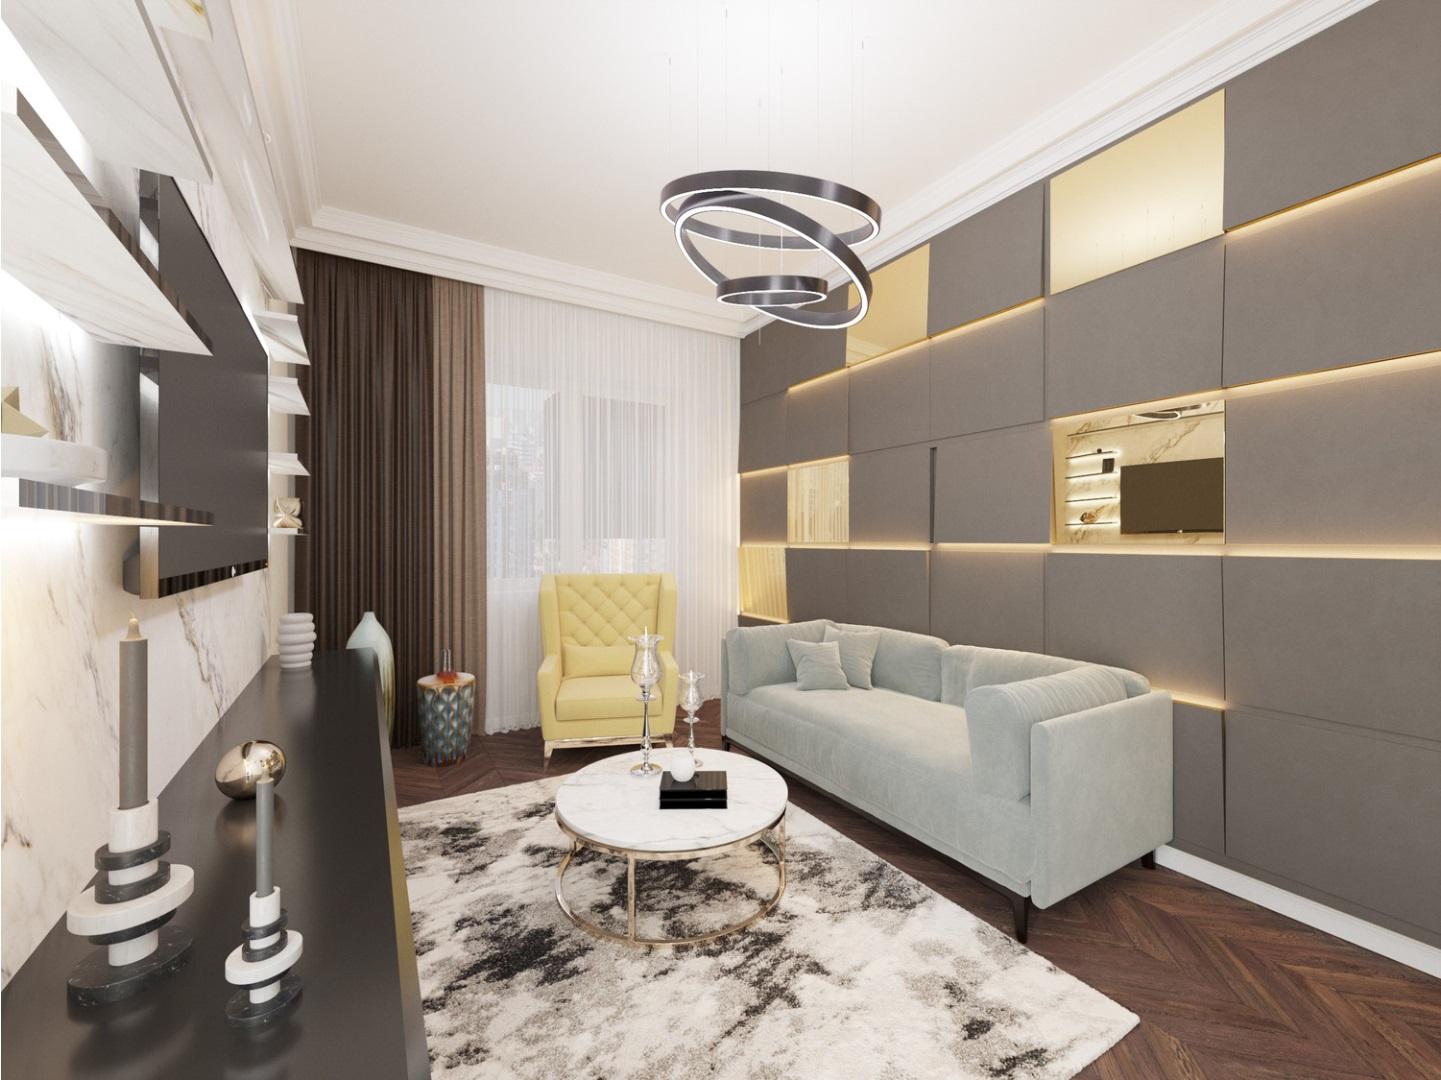 Однокомнатная квартира в стиле Эклектика